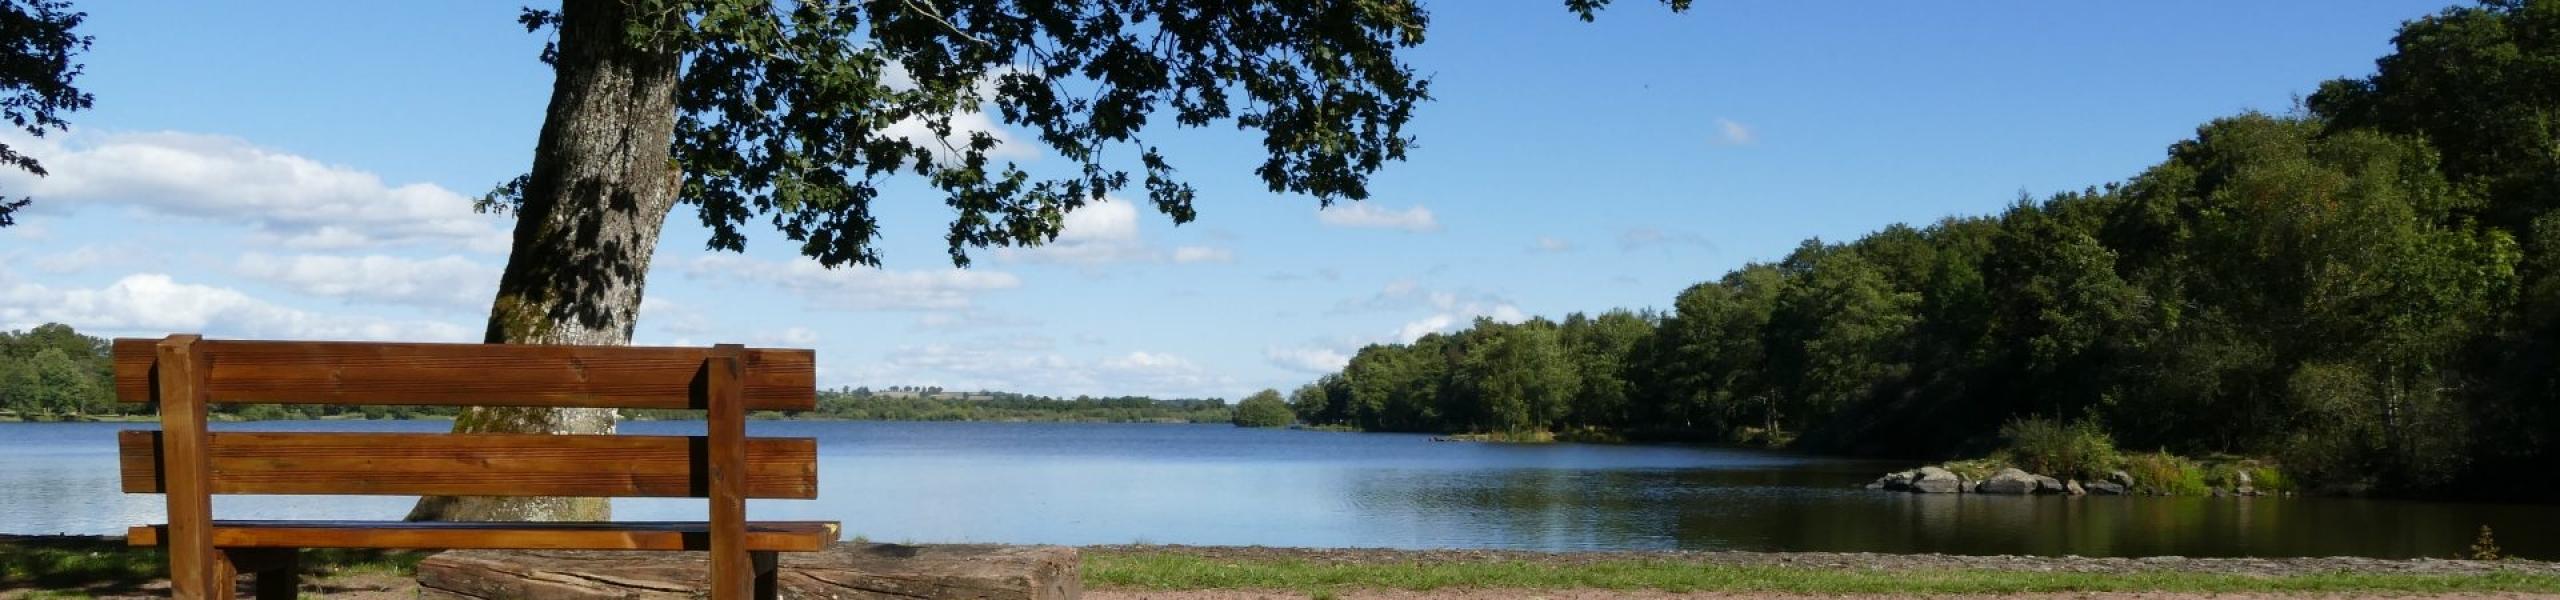 Vue sur le lac du Rousset - Le Rousset-Marizy